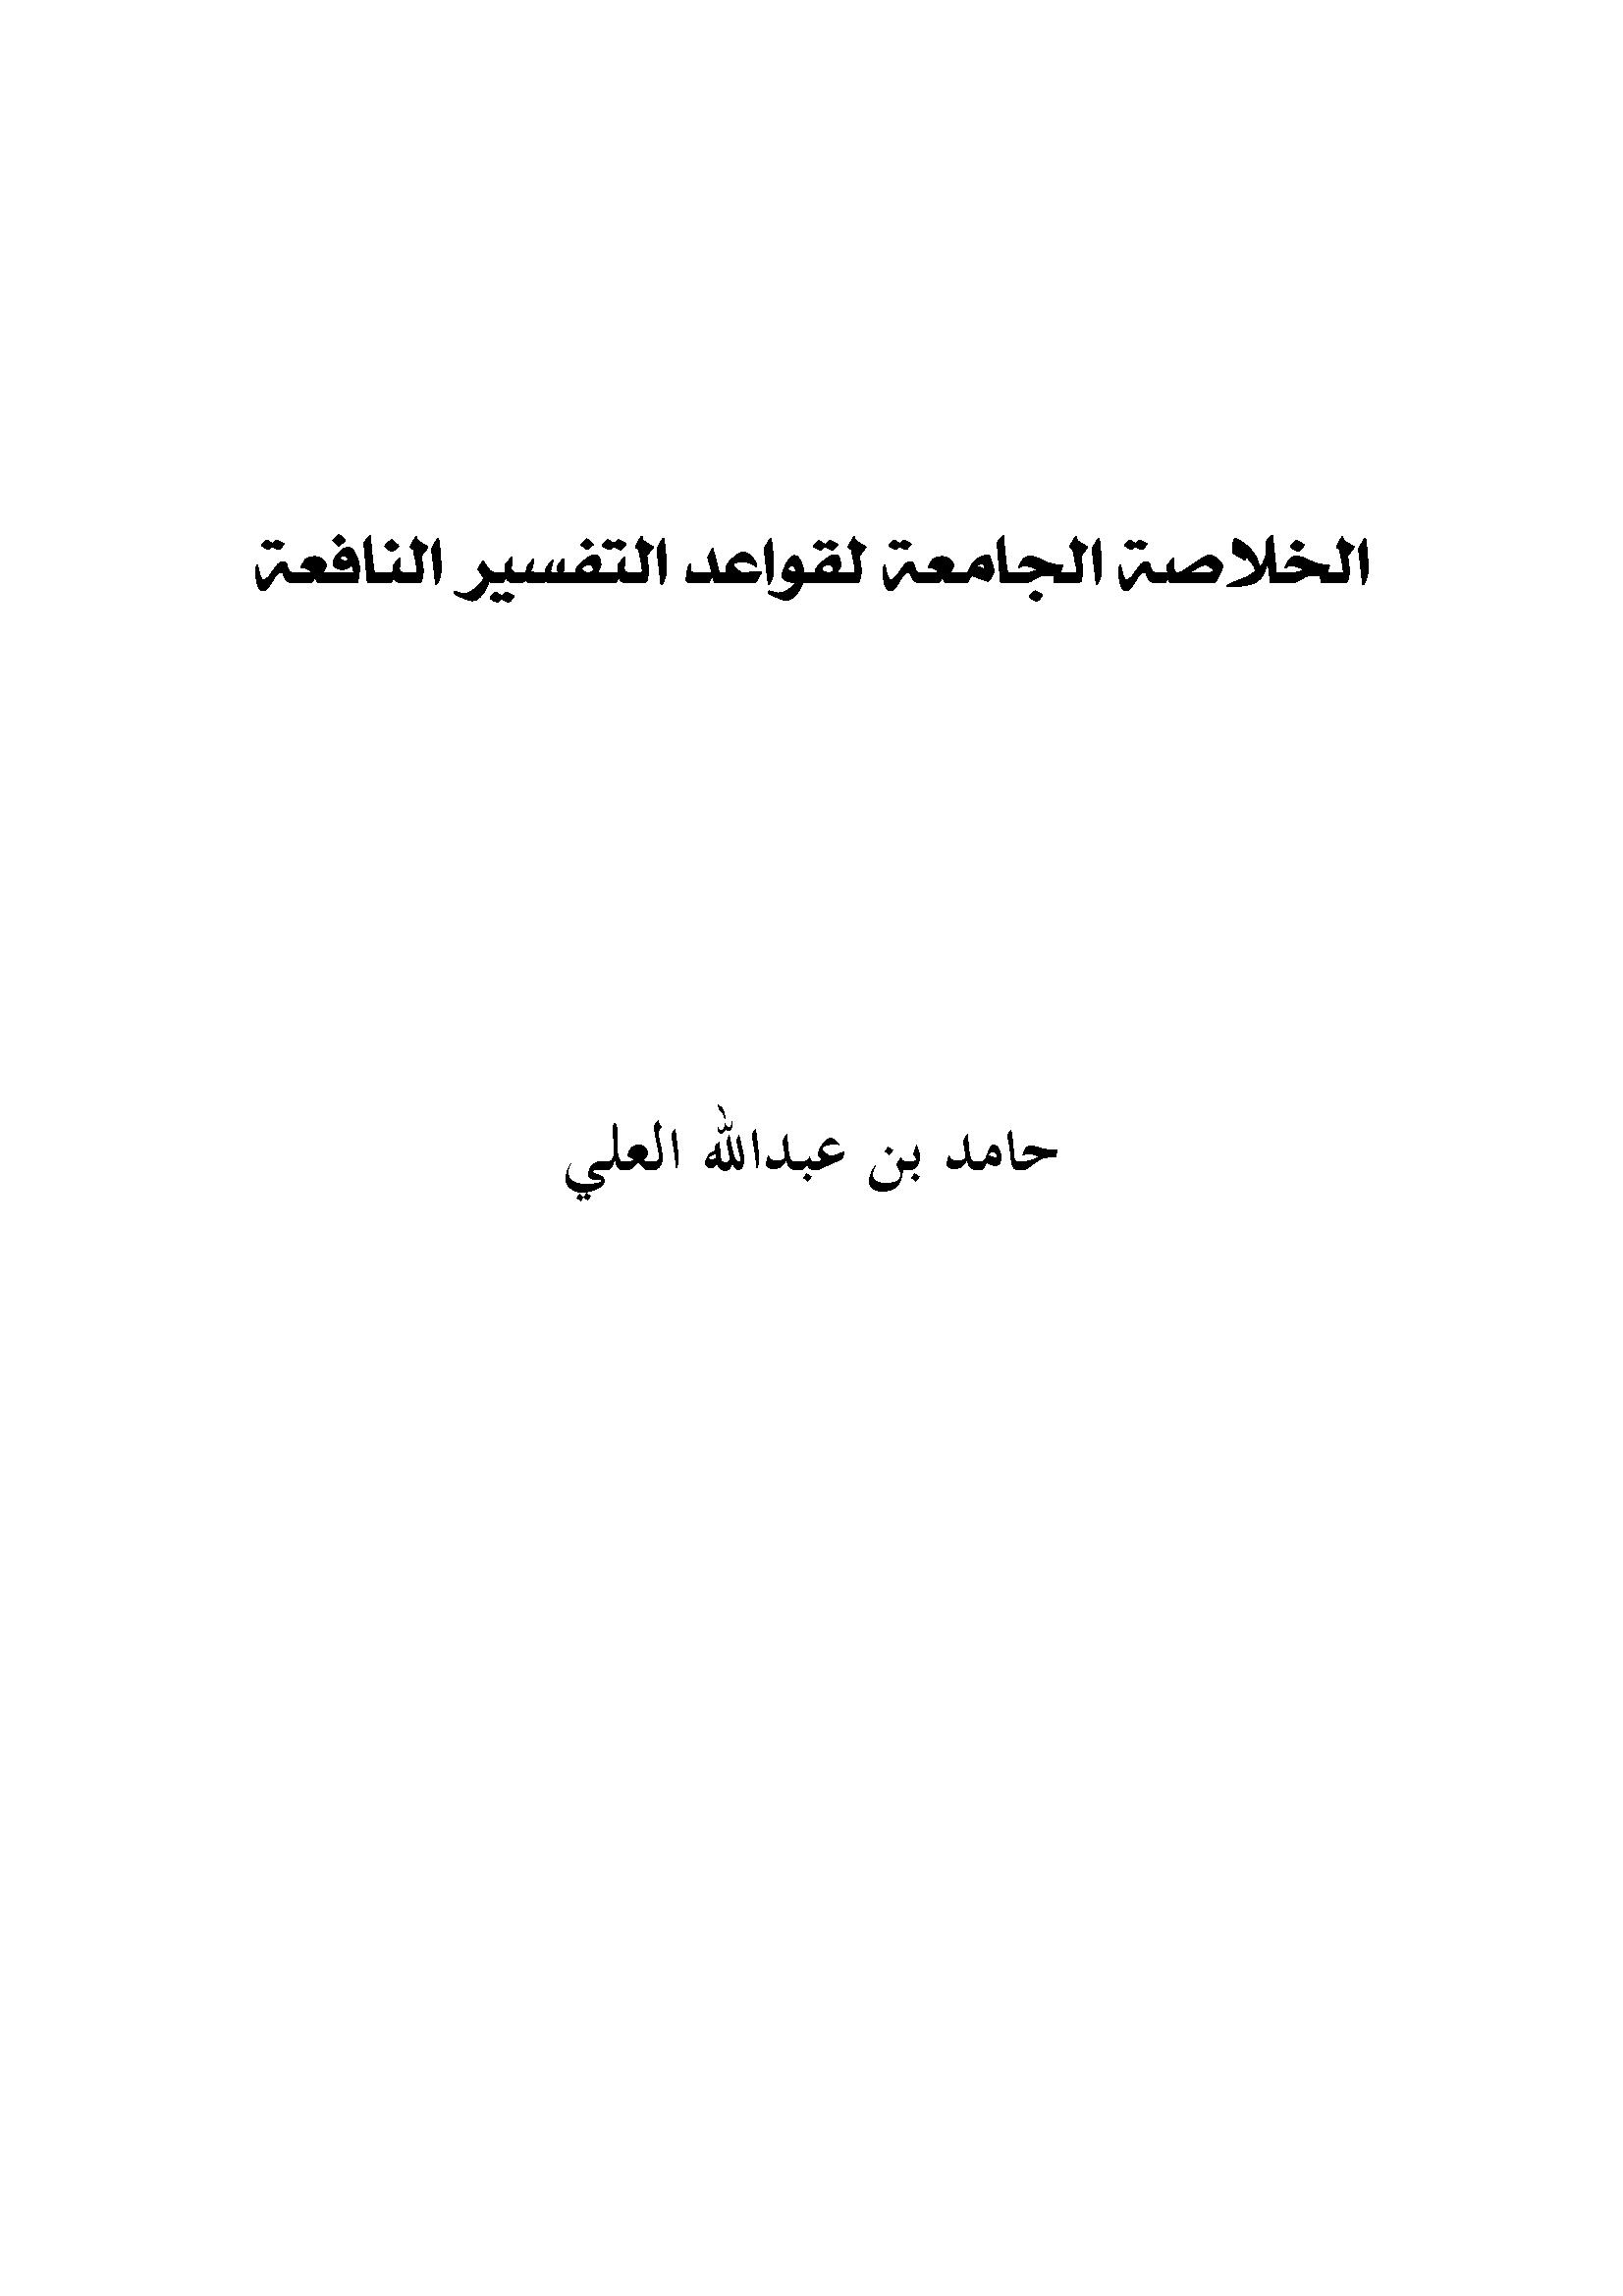 الخلاصة الجامعة لقواعد التفسير النافعة - حامد بن عبد الله أحمد العلي